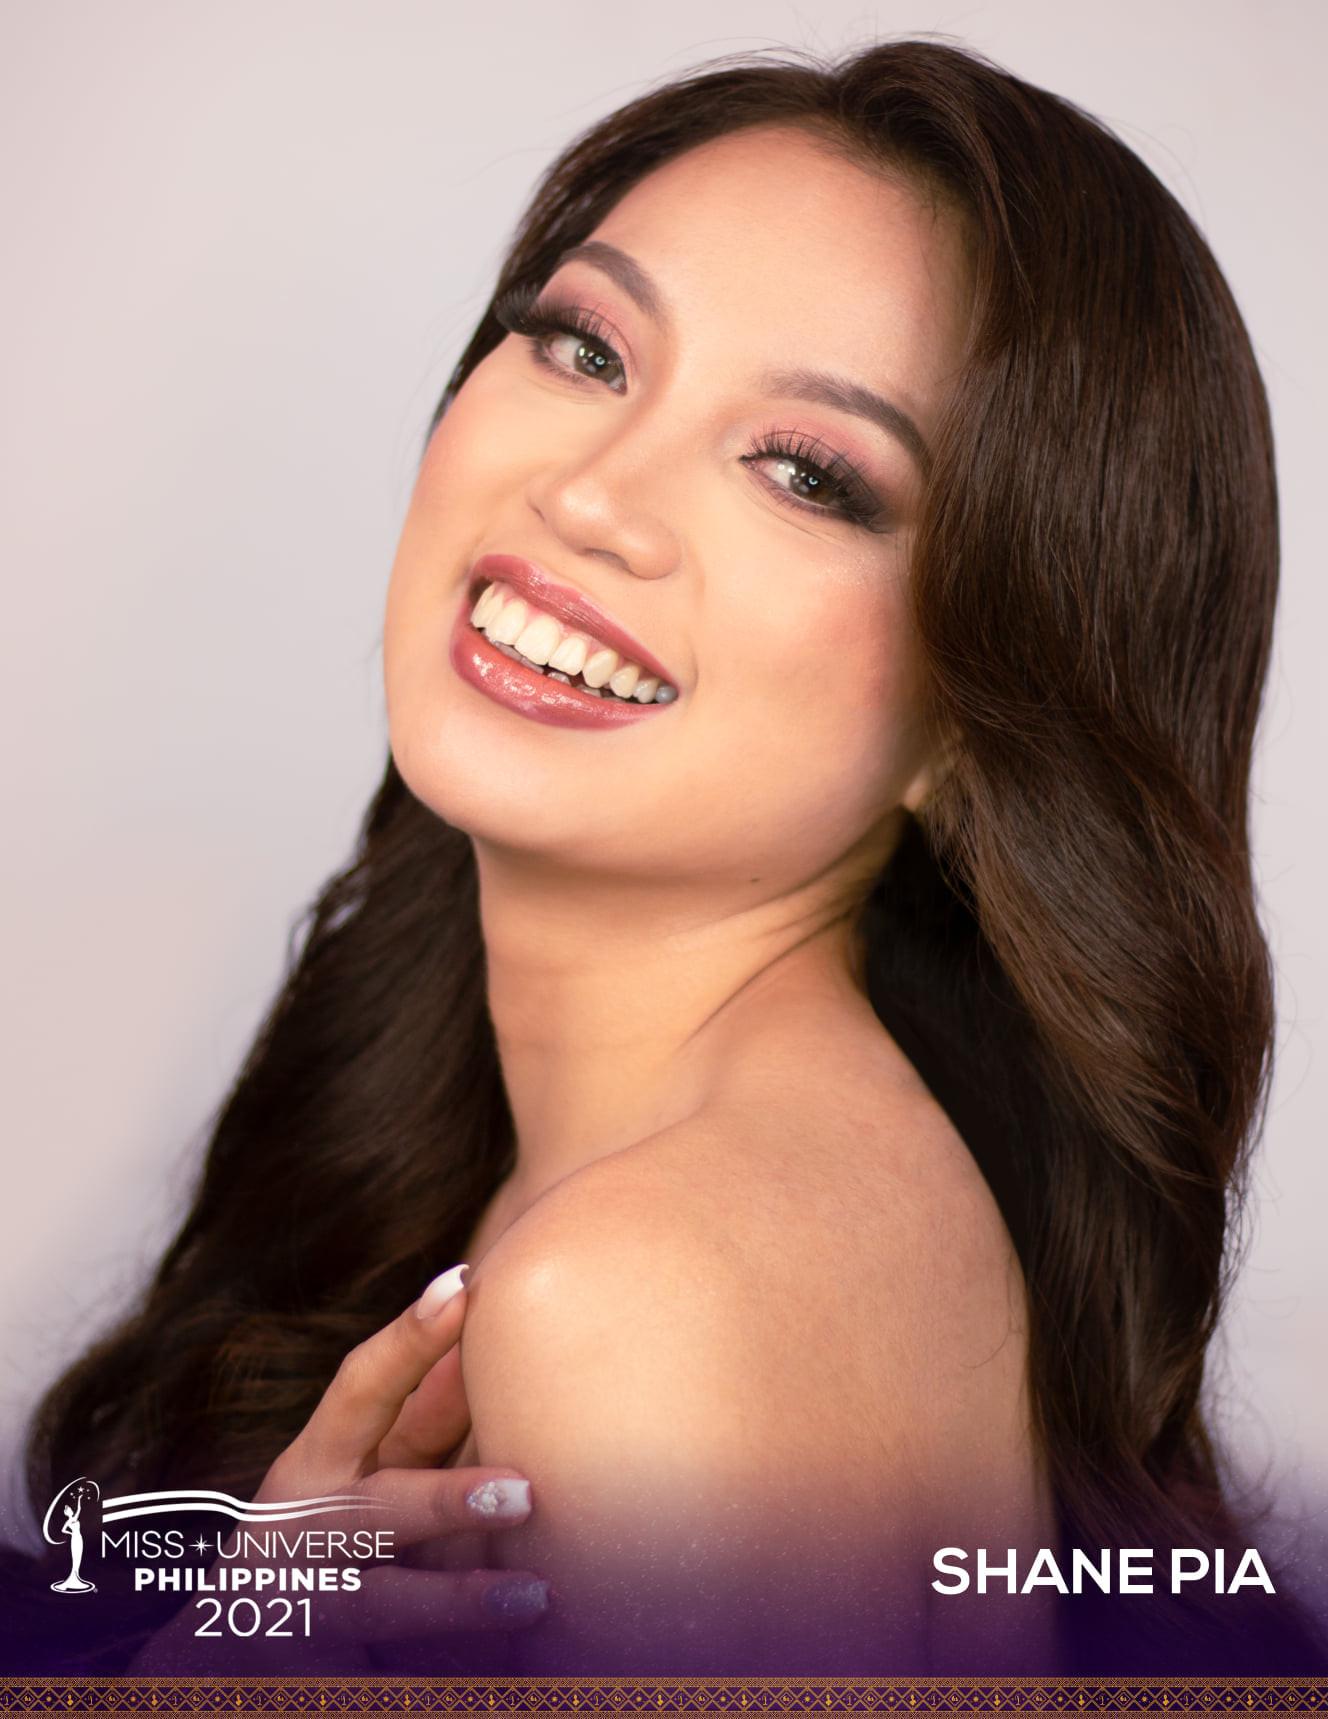 pre-candidatas a miss universe philippines 2021. - Página 6 AlMzBf